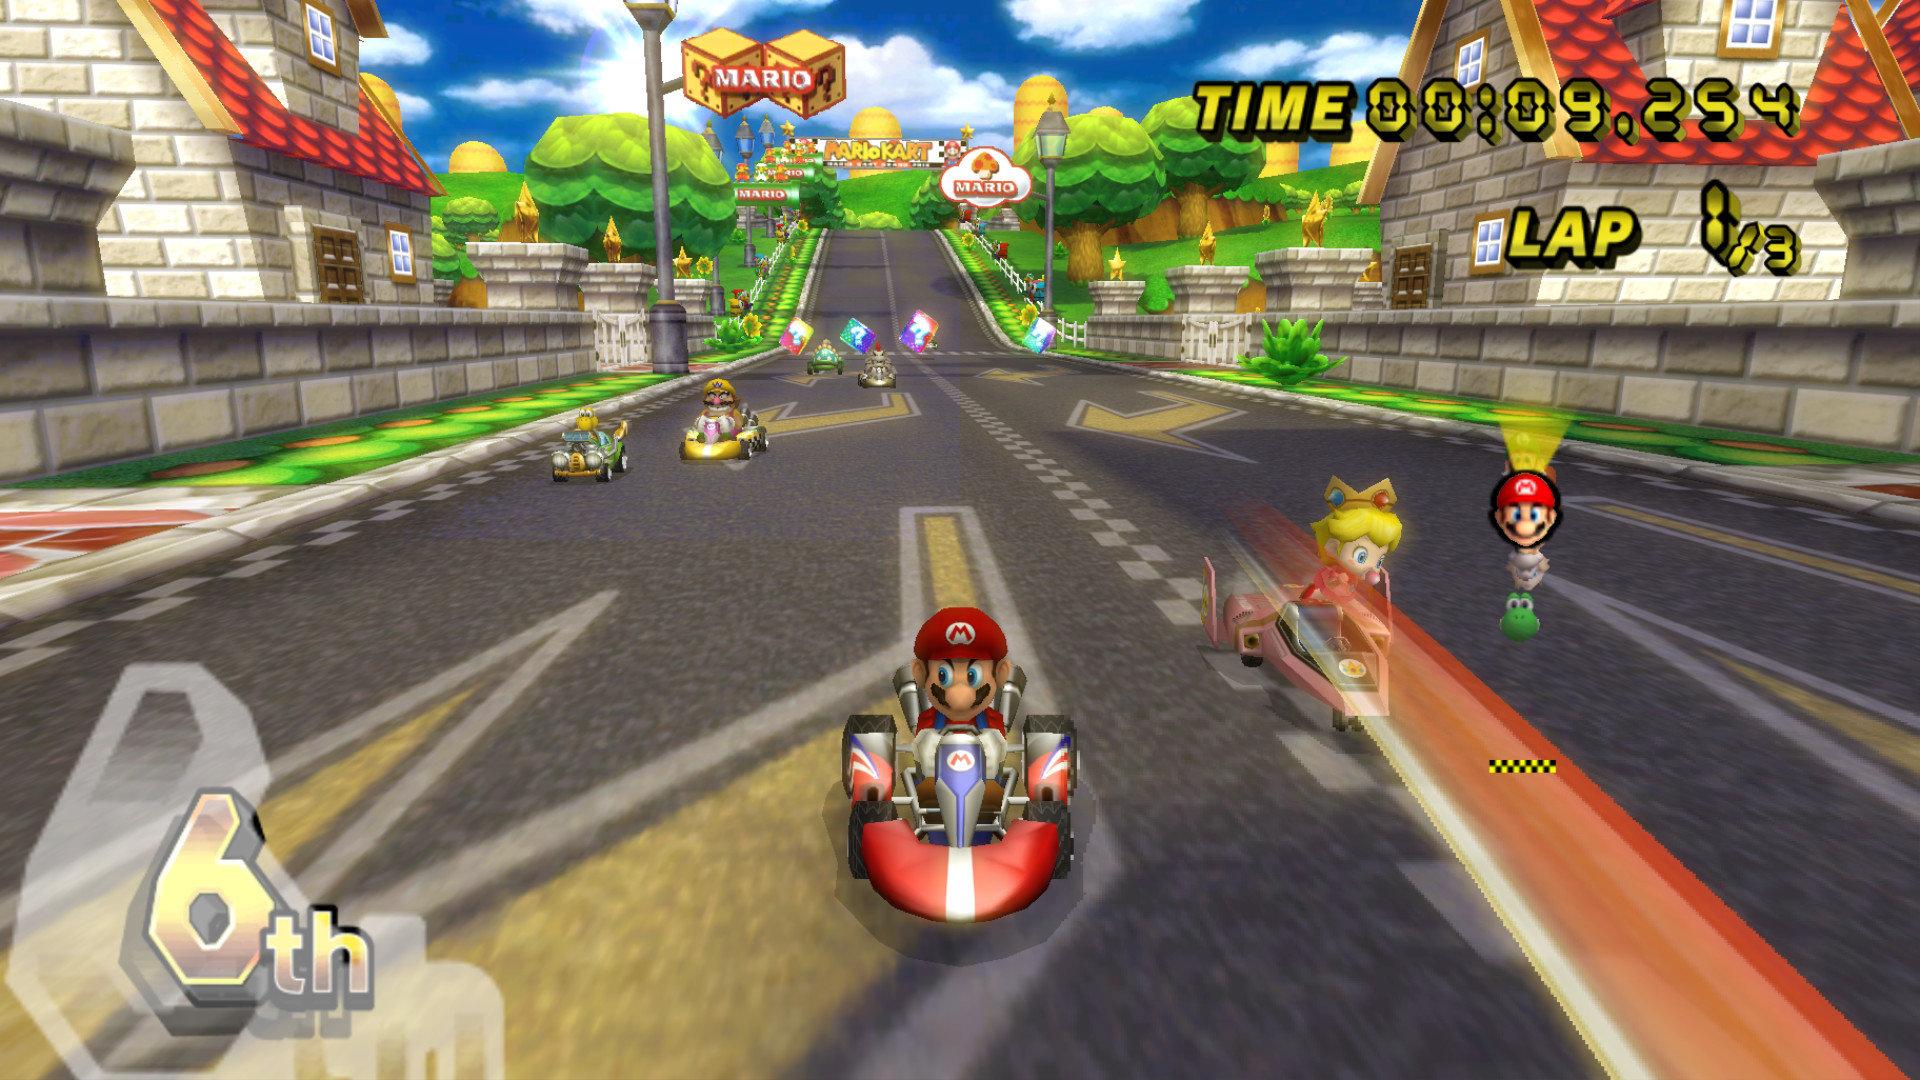 Mario Kart Wii Wallpapers 1920x1080 Full Hd 1080p Desktop